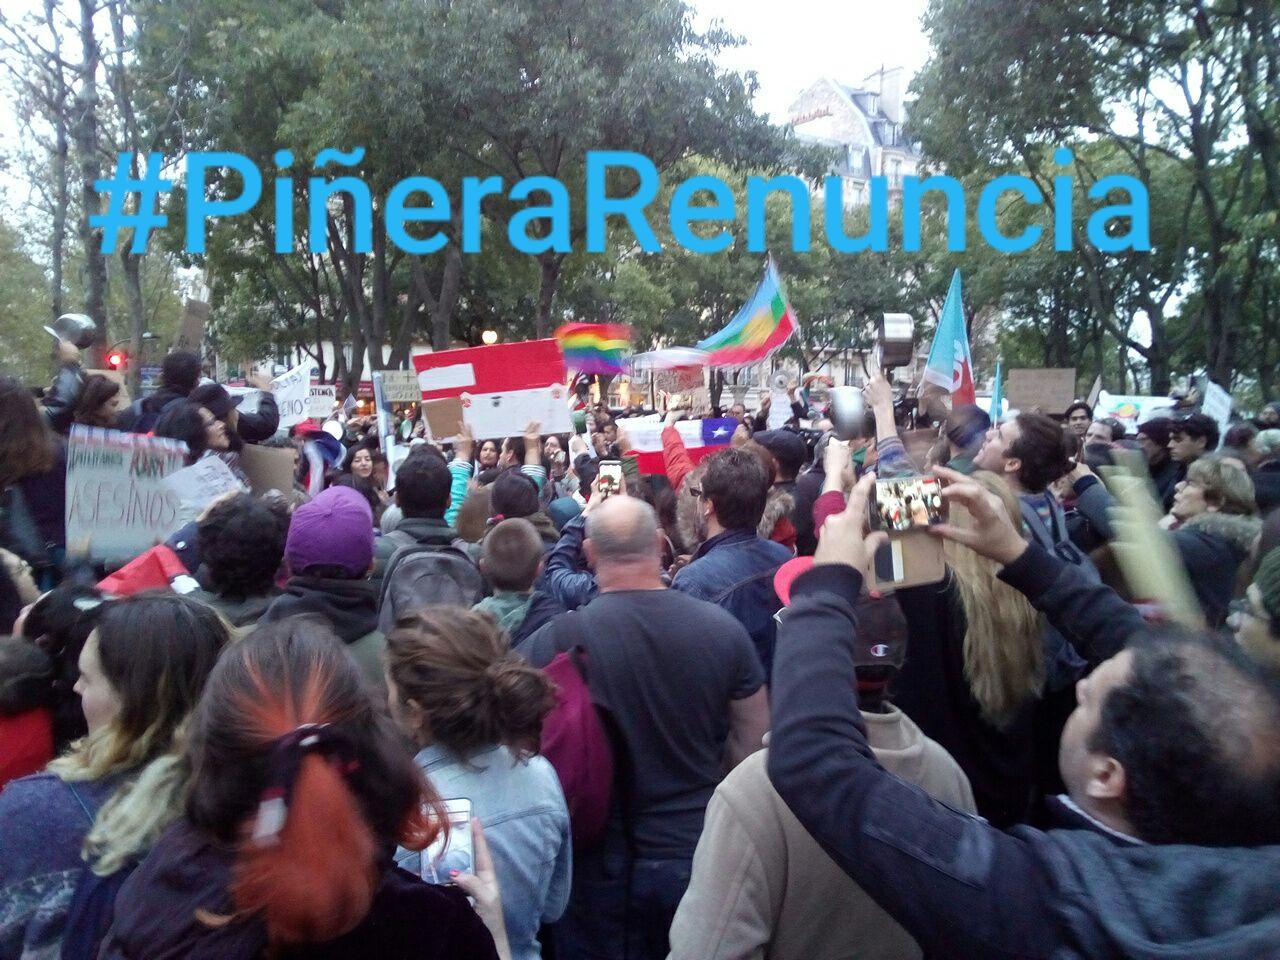 Chili : Vive la grève générale ! Piñera démission !